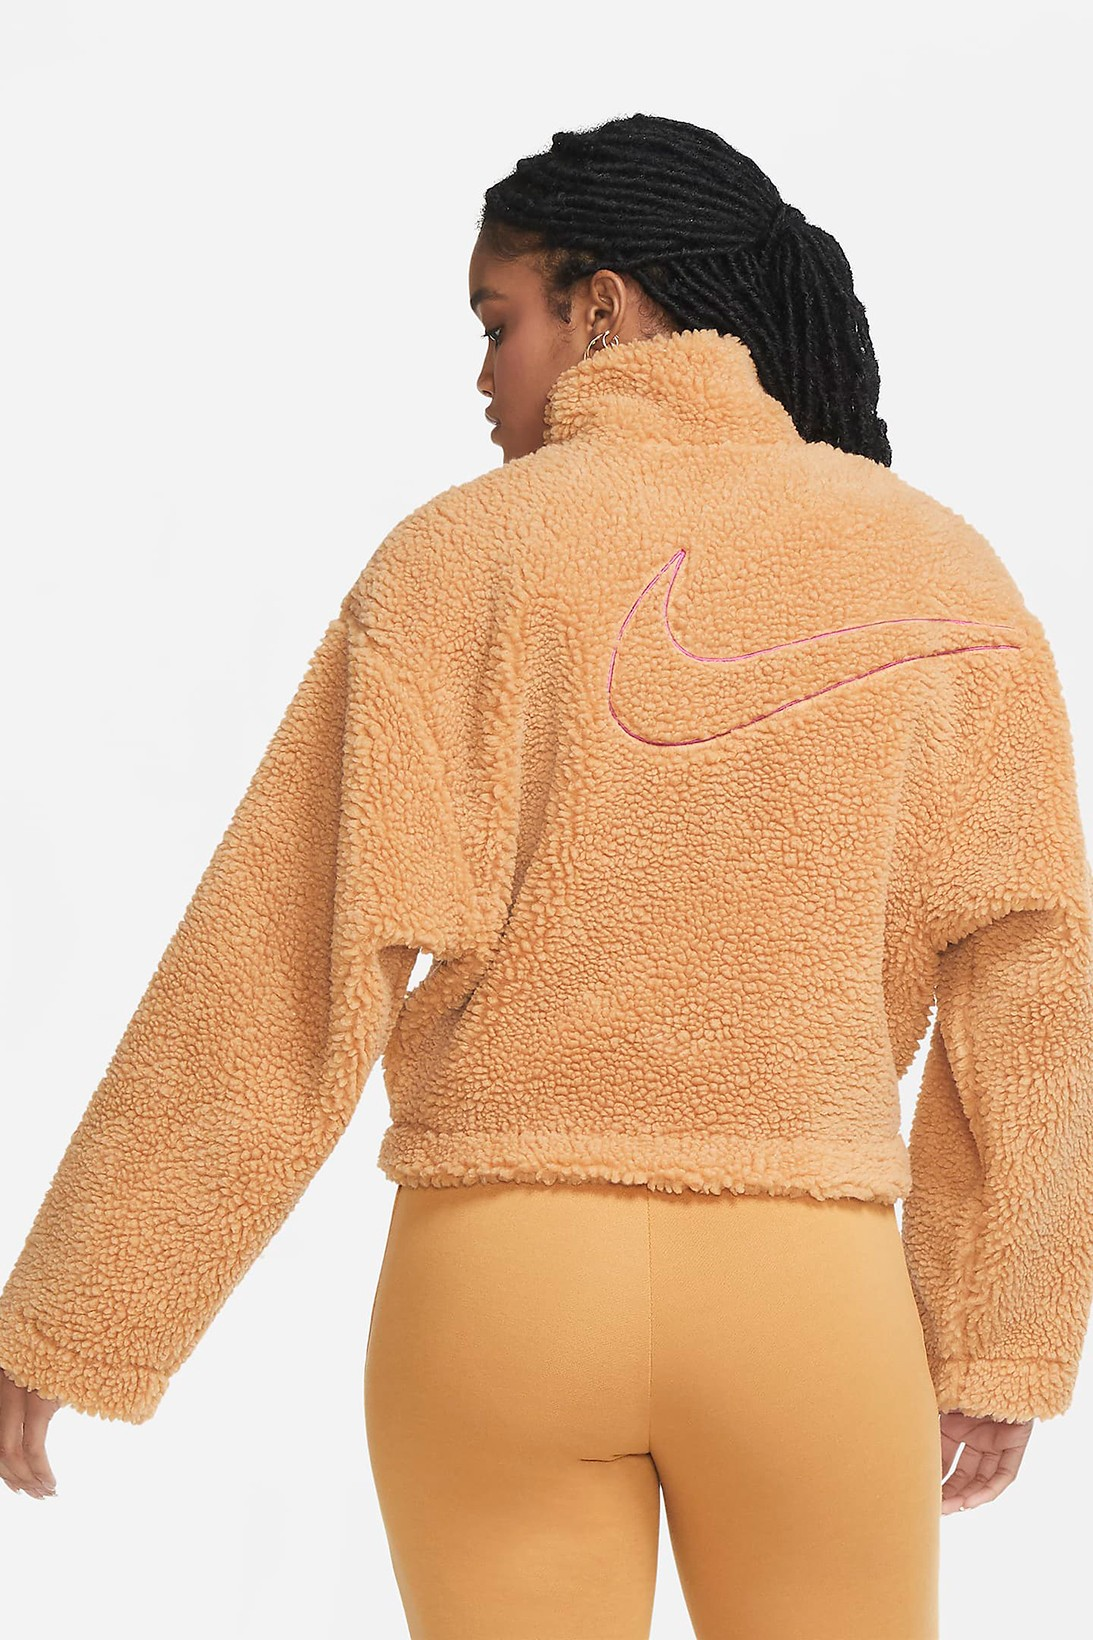 nike sportswear womens swoosh shearling fleece jacket outerwear pink white orange colorways 2020 fw